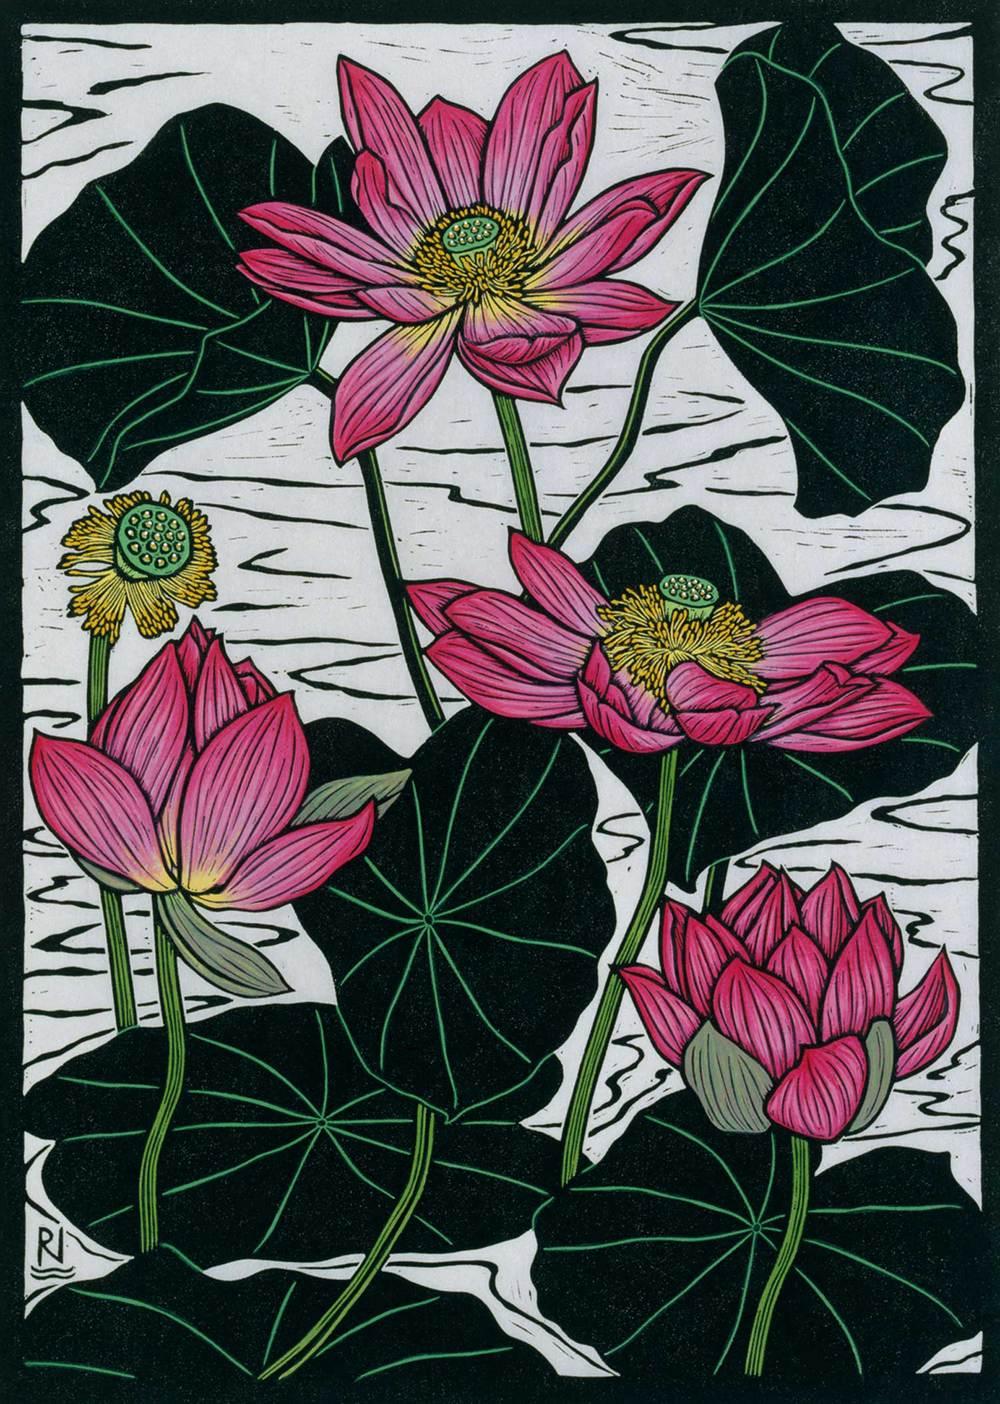 sacred-lotus-linocut-rachel-newling.jpg